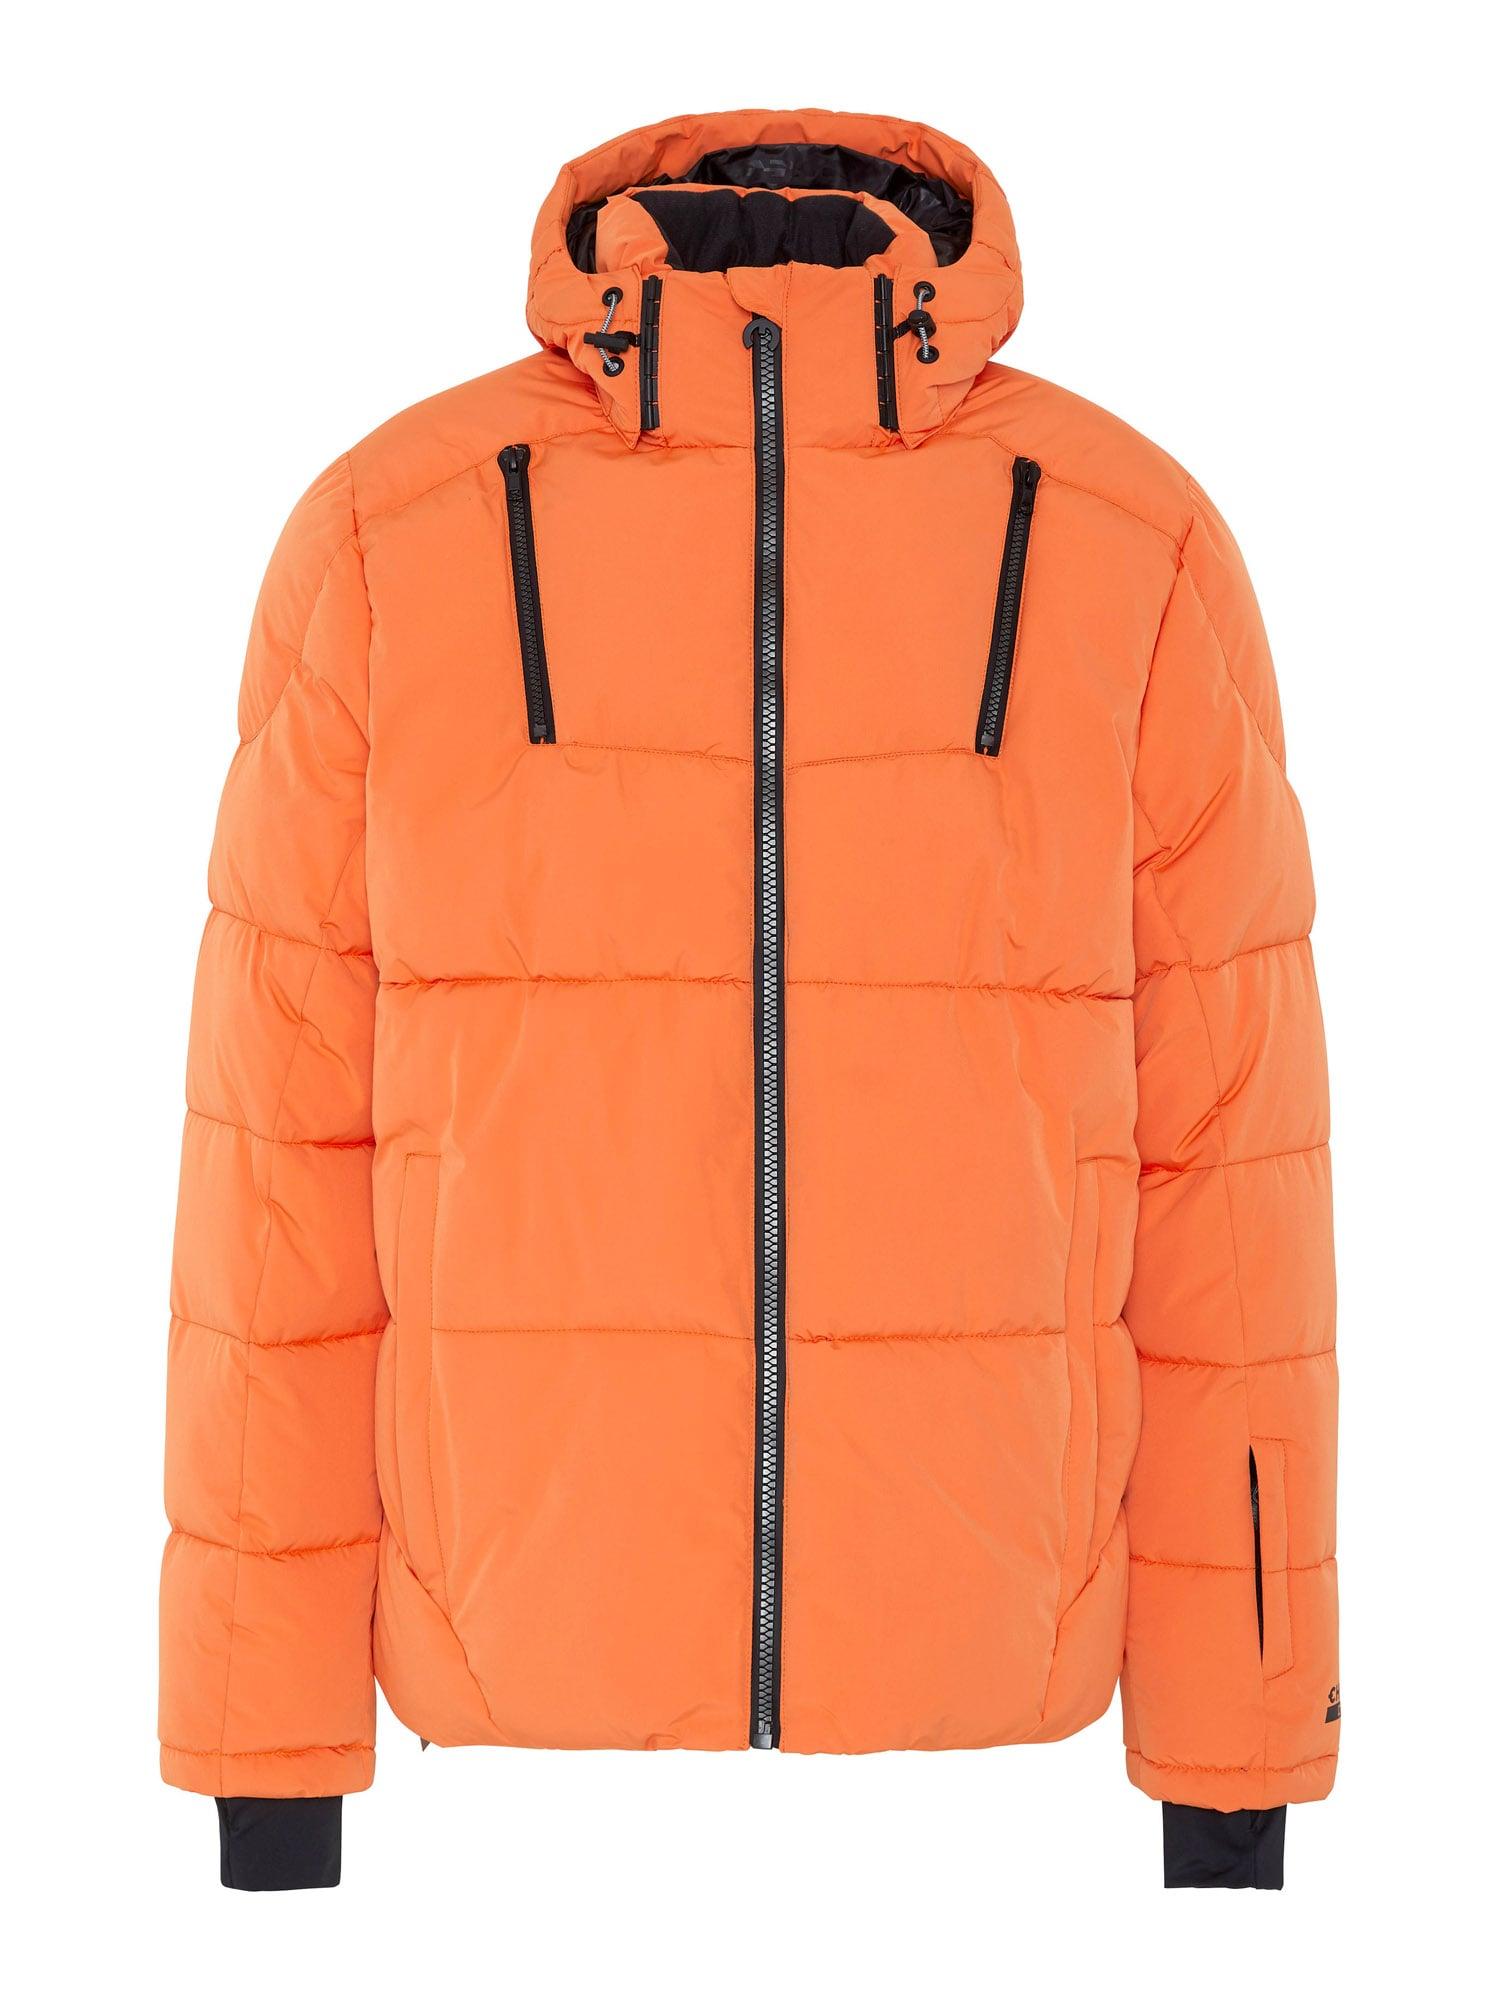 CHIEMSEE Laisvalaikio striukė oranžinė / juoda